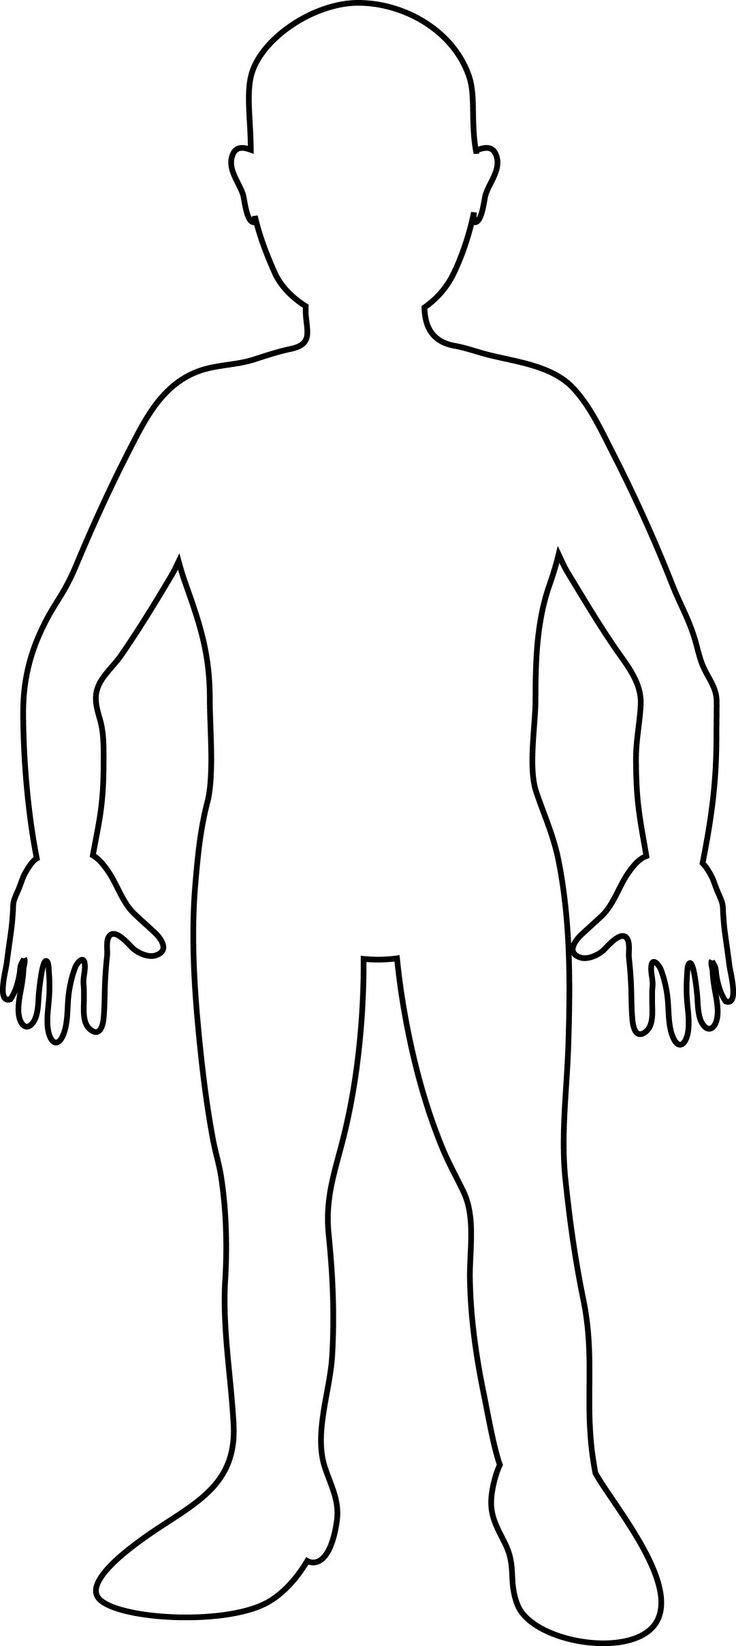 Human Body Outline Printable Human Body Outline Printable Cliparts